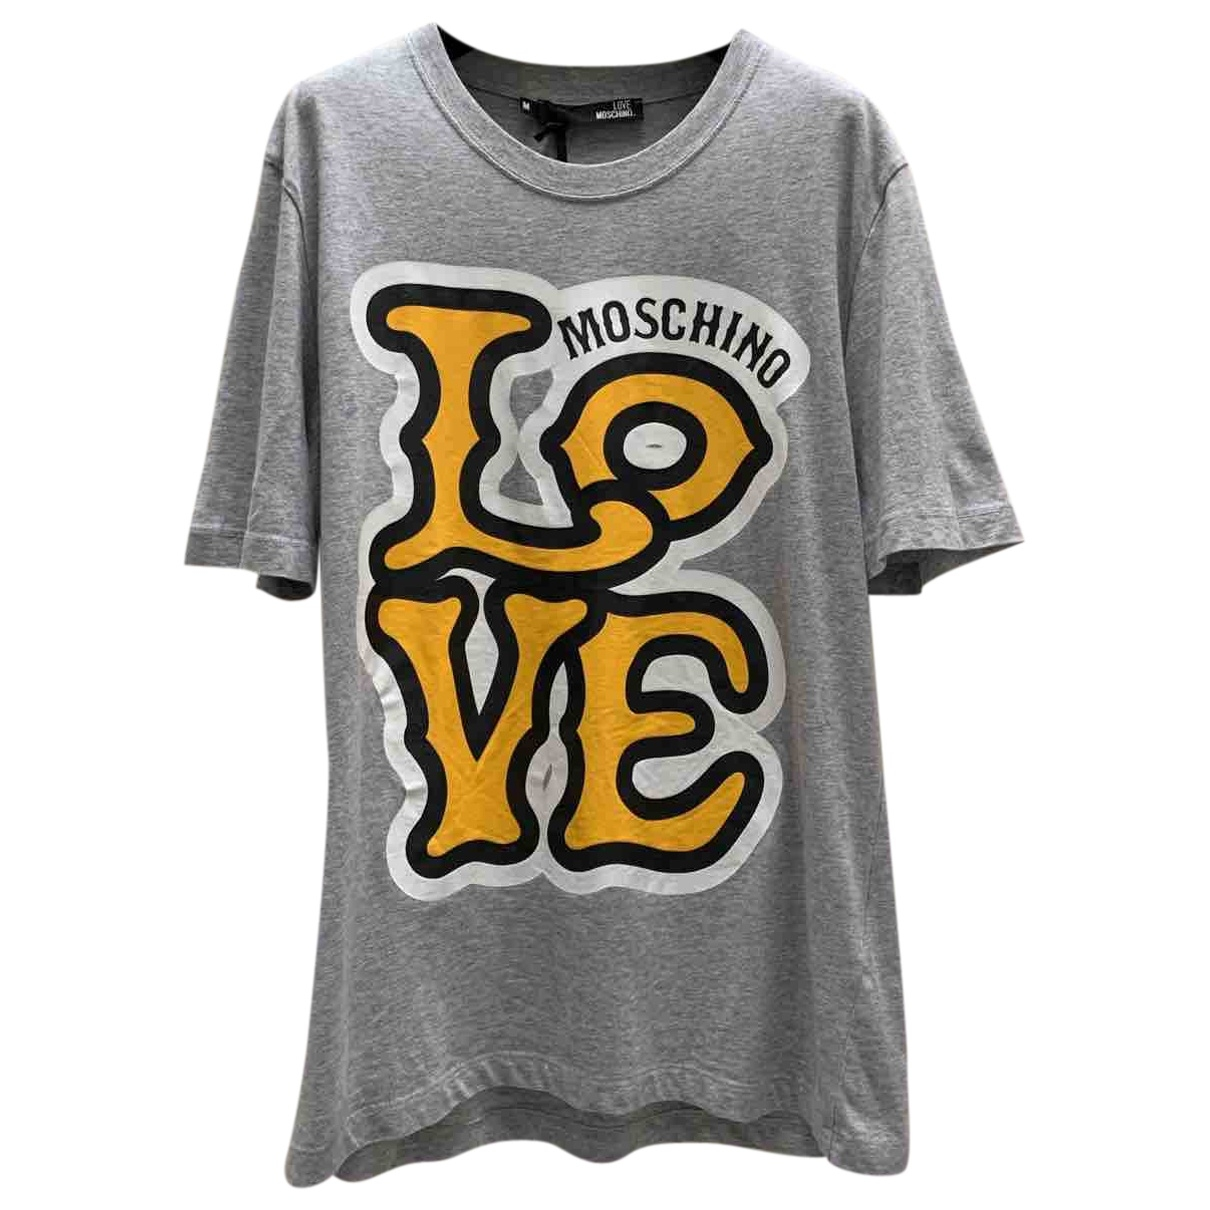 Moschino \N Top in  Grau Baumwolle